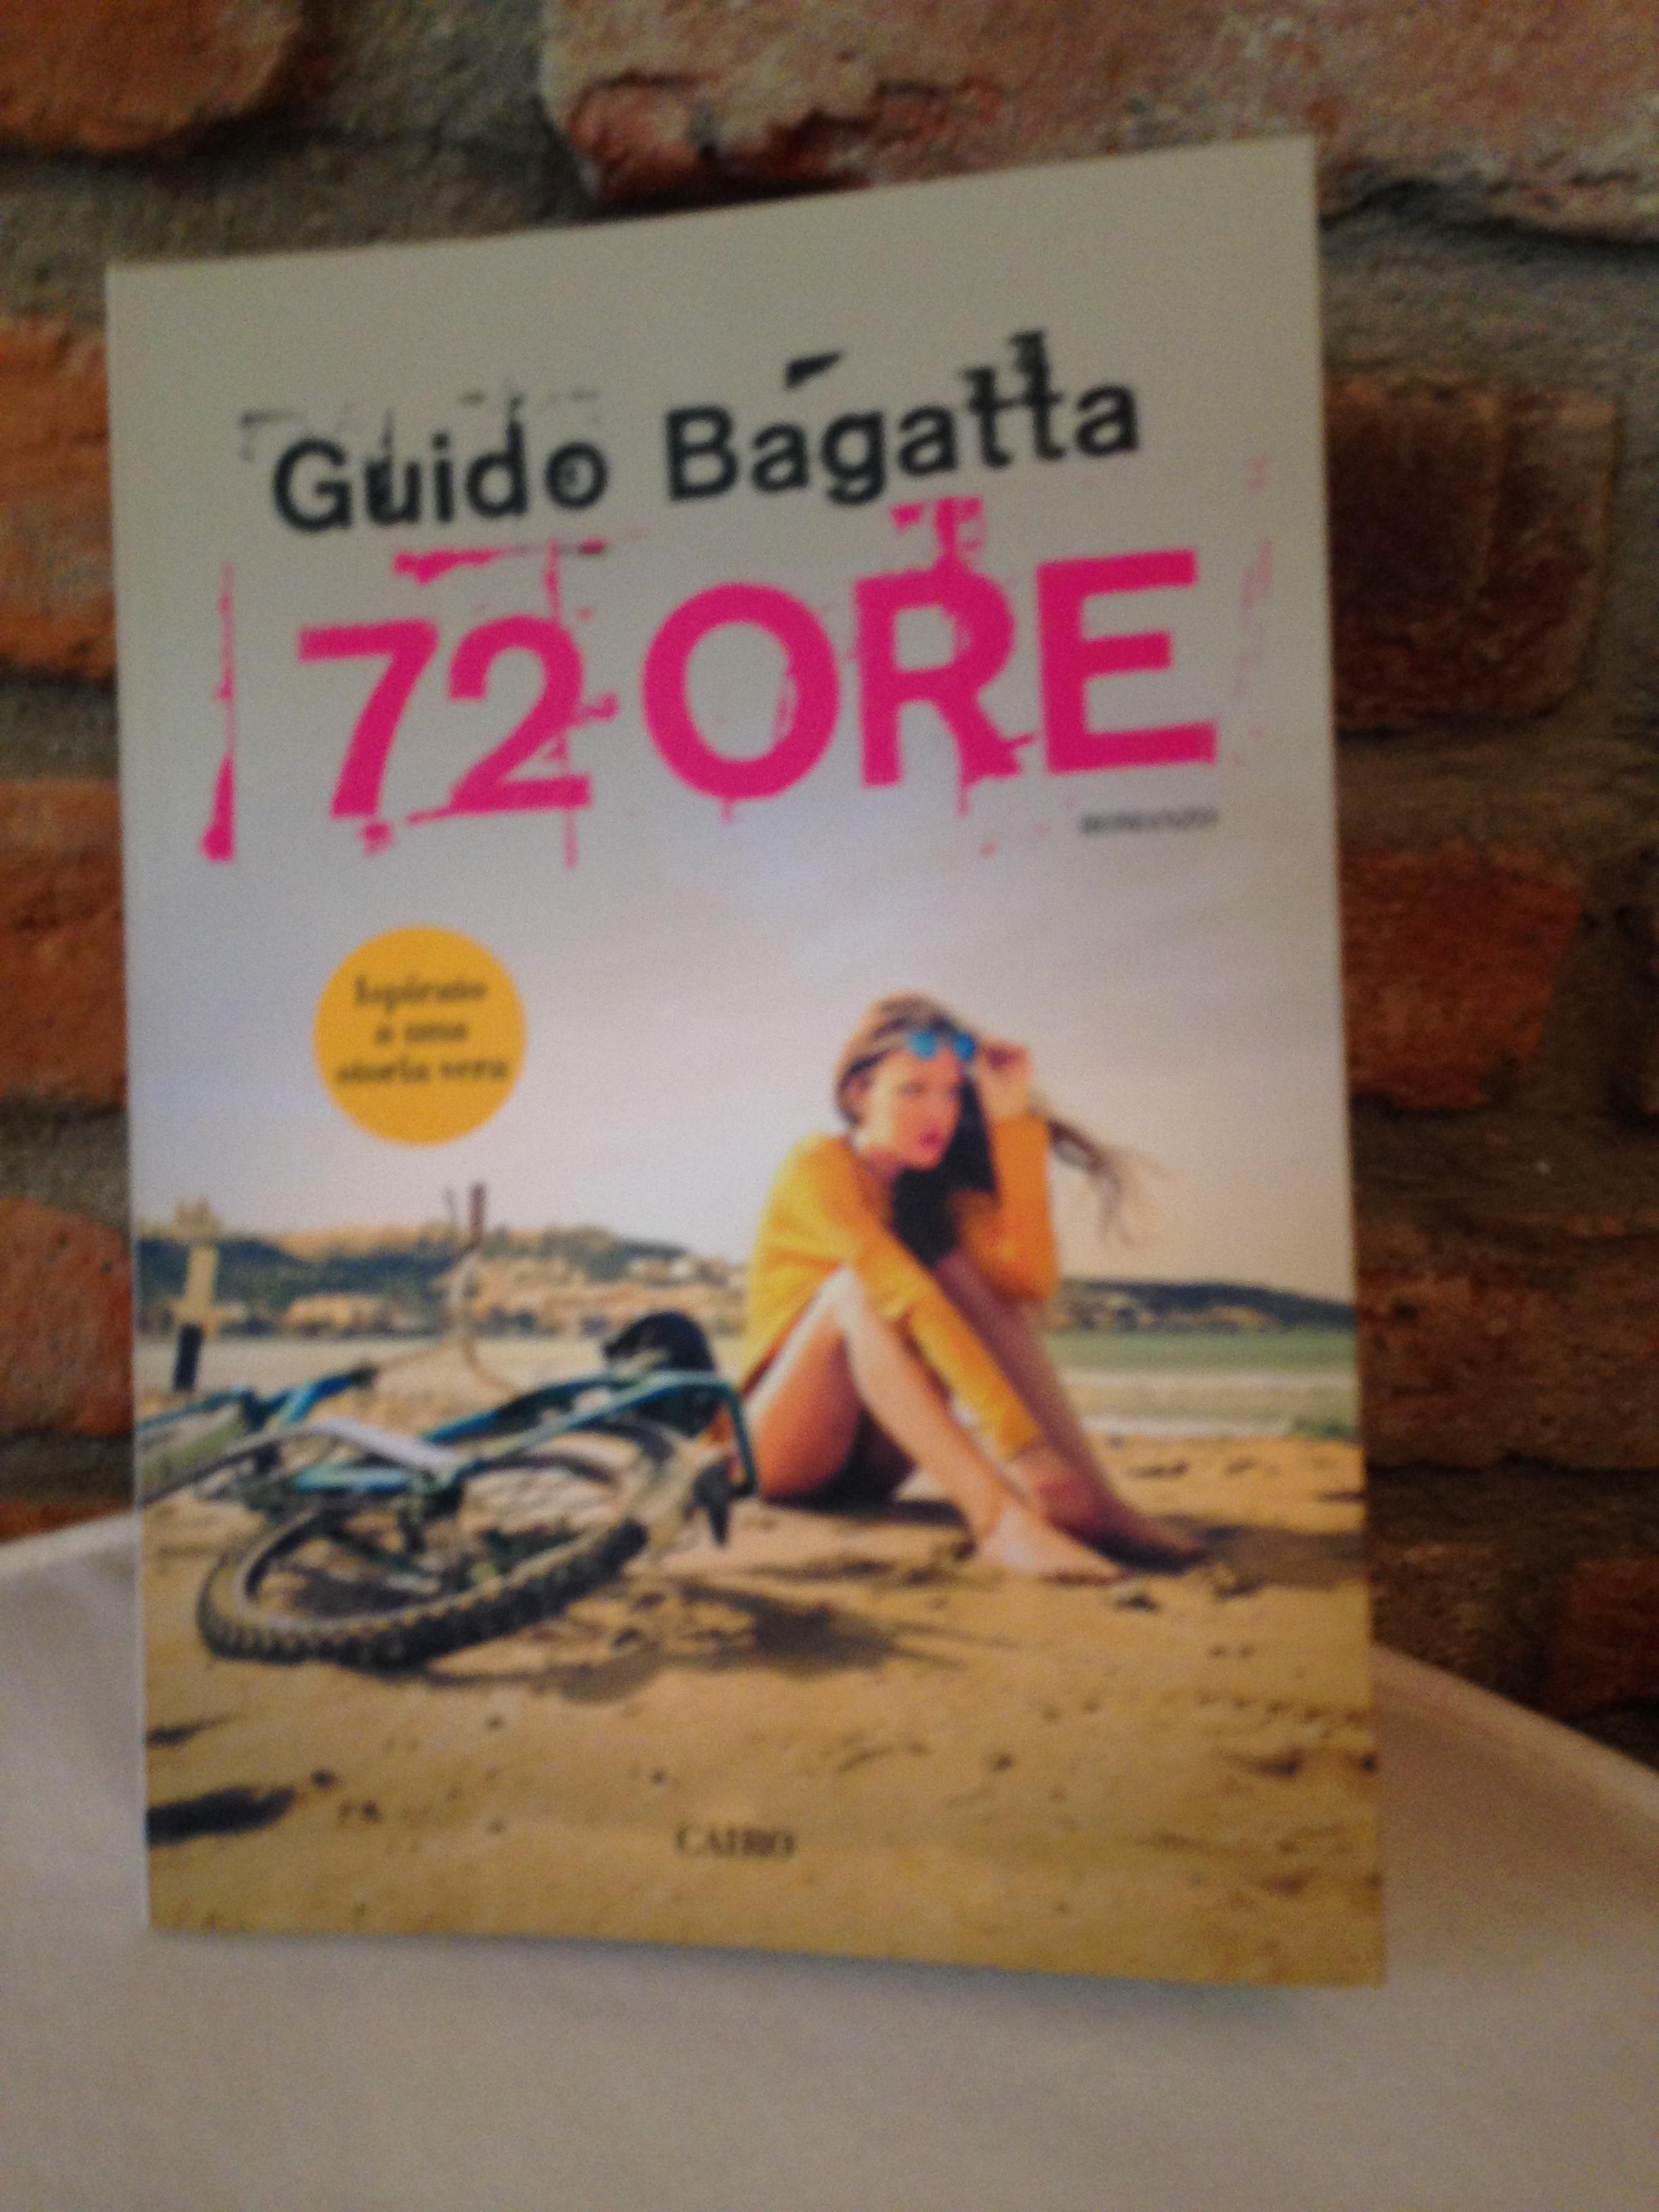 La copertina del romanzo di Guido Bagatta